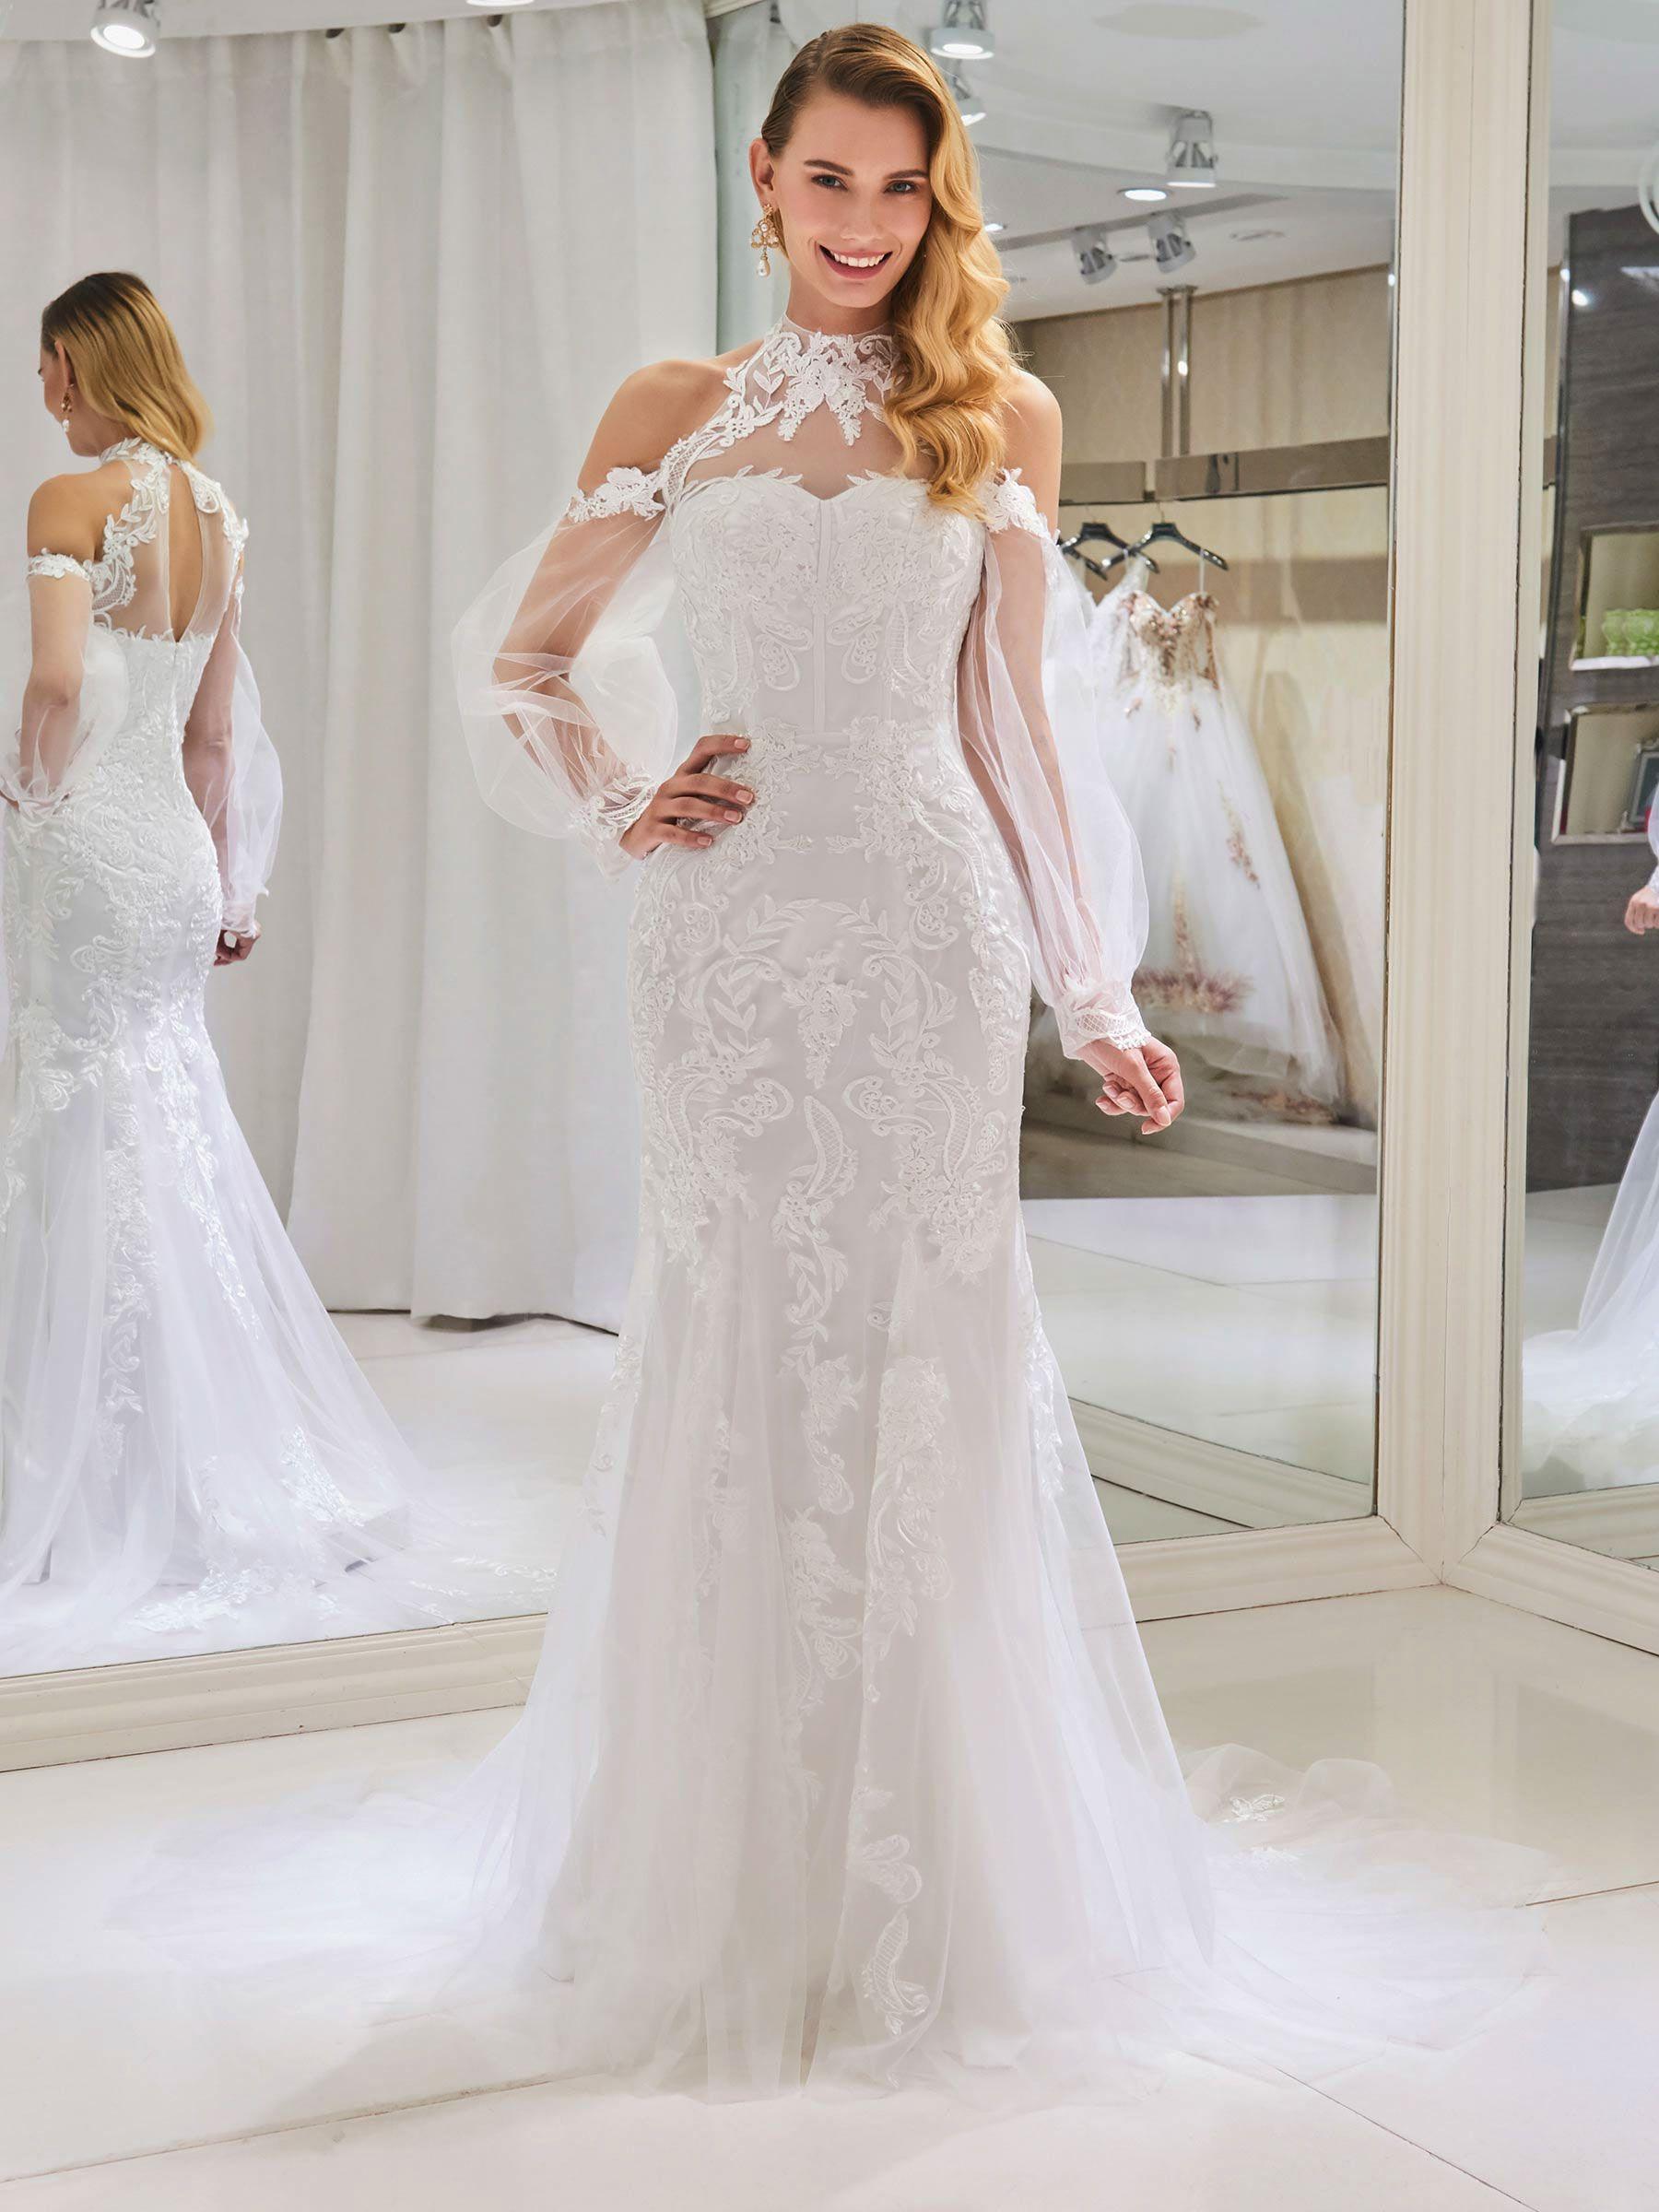 Ericdress Mermaid Long Sleeves Cold Shoulder Wedding Dress Wedding Dress Long Sleeve Cold Shoulder Wedding Dress Long Sleeve Mermaid Wedding Dress [ 2400 x 1800 Pixel ]